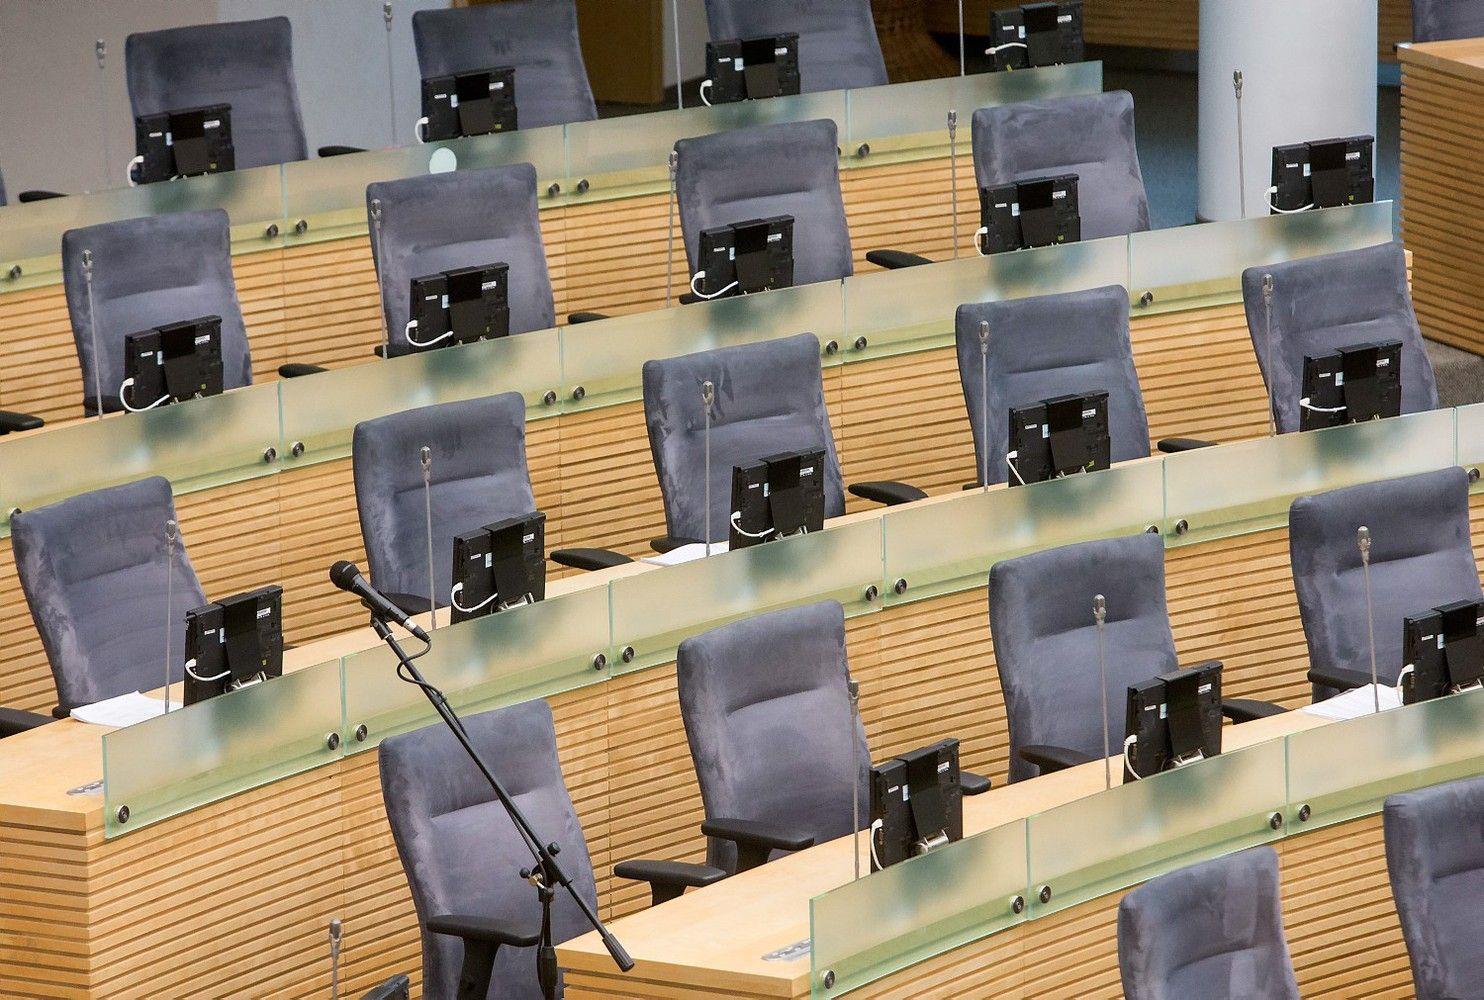 Seimo narių atostogų įteisinti neskuba, bet jos gal ir atsiras